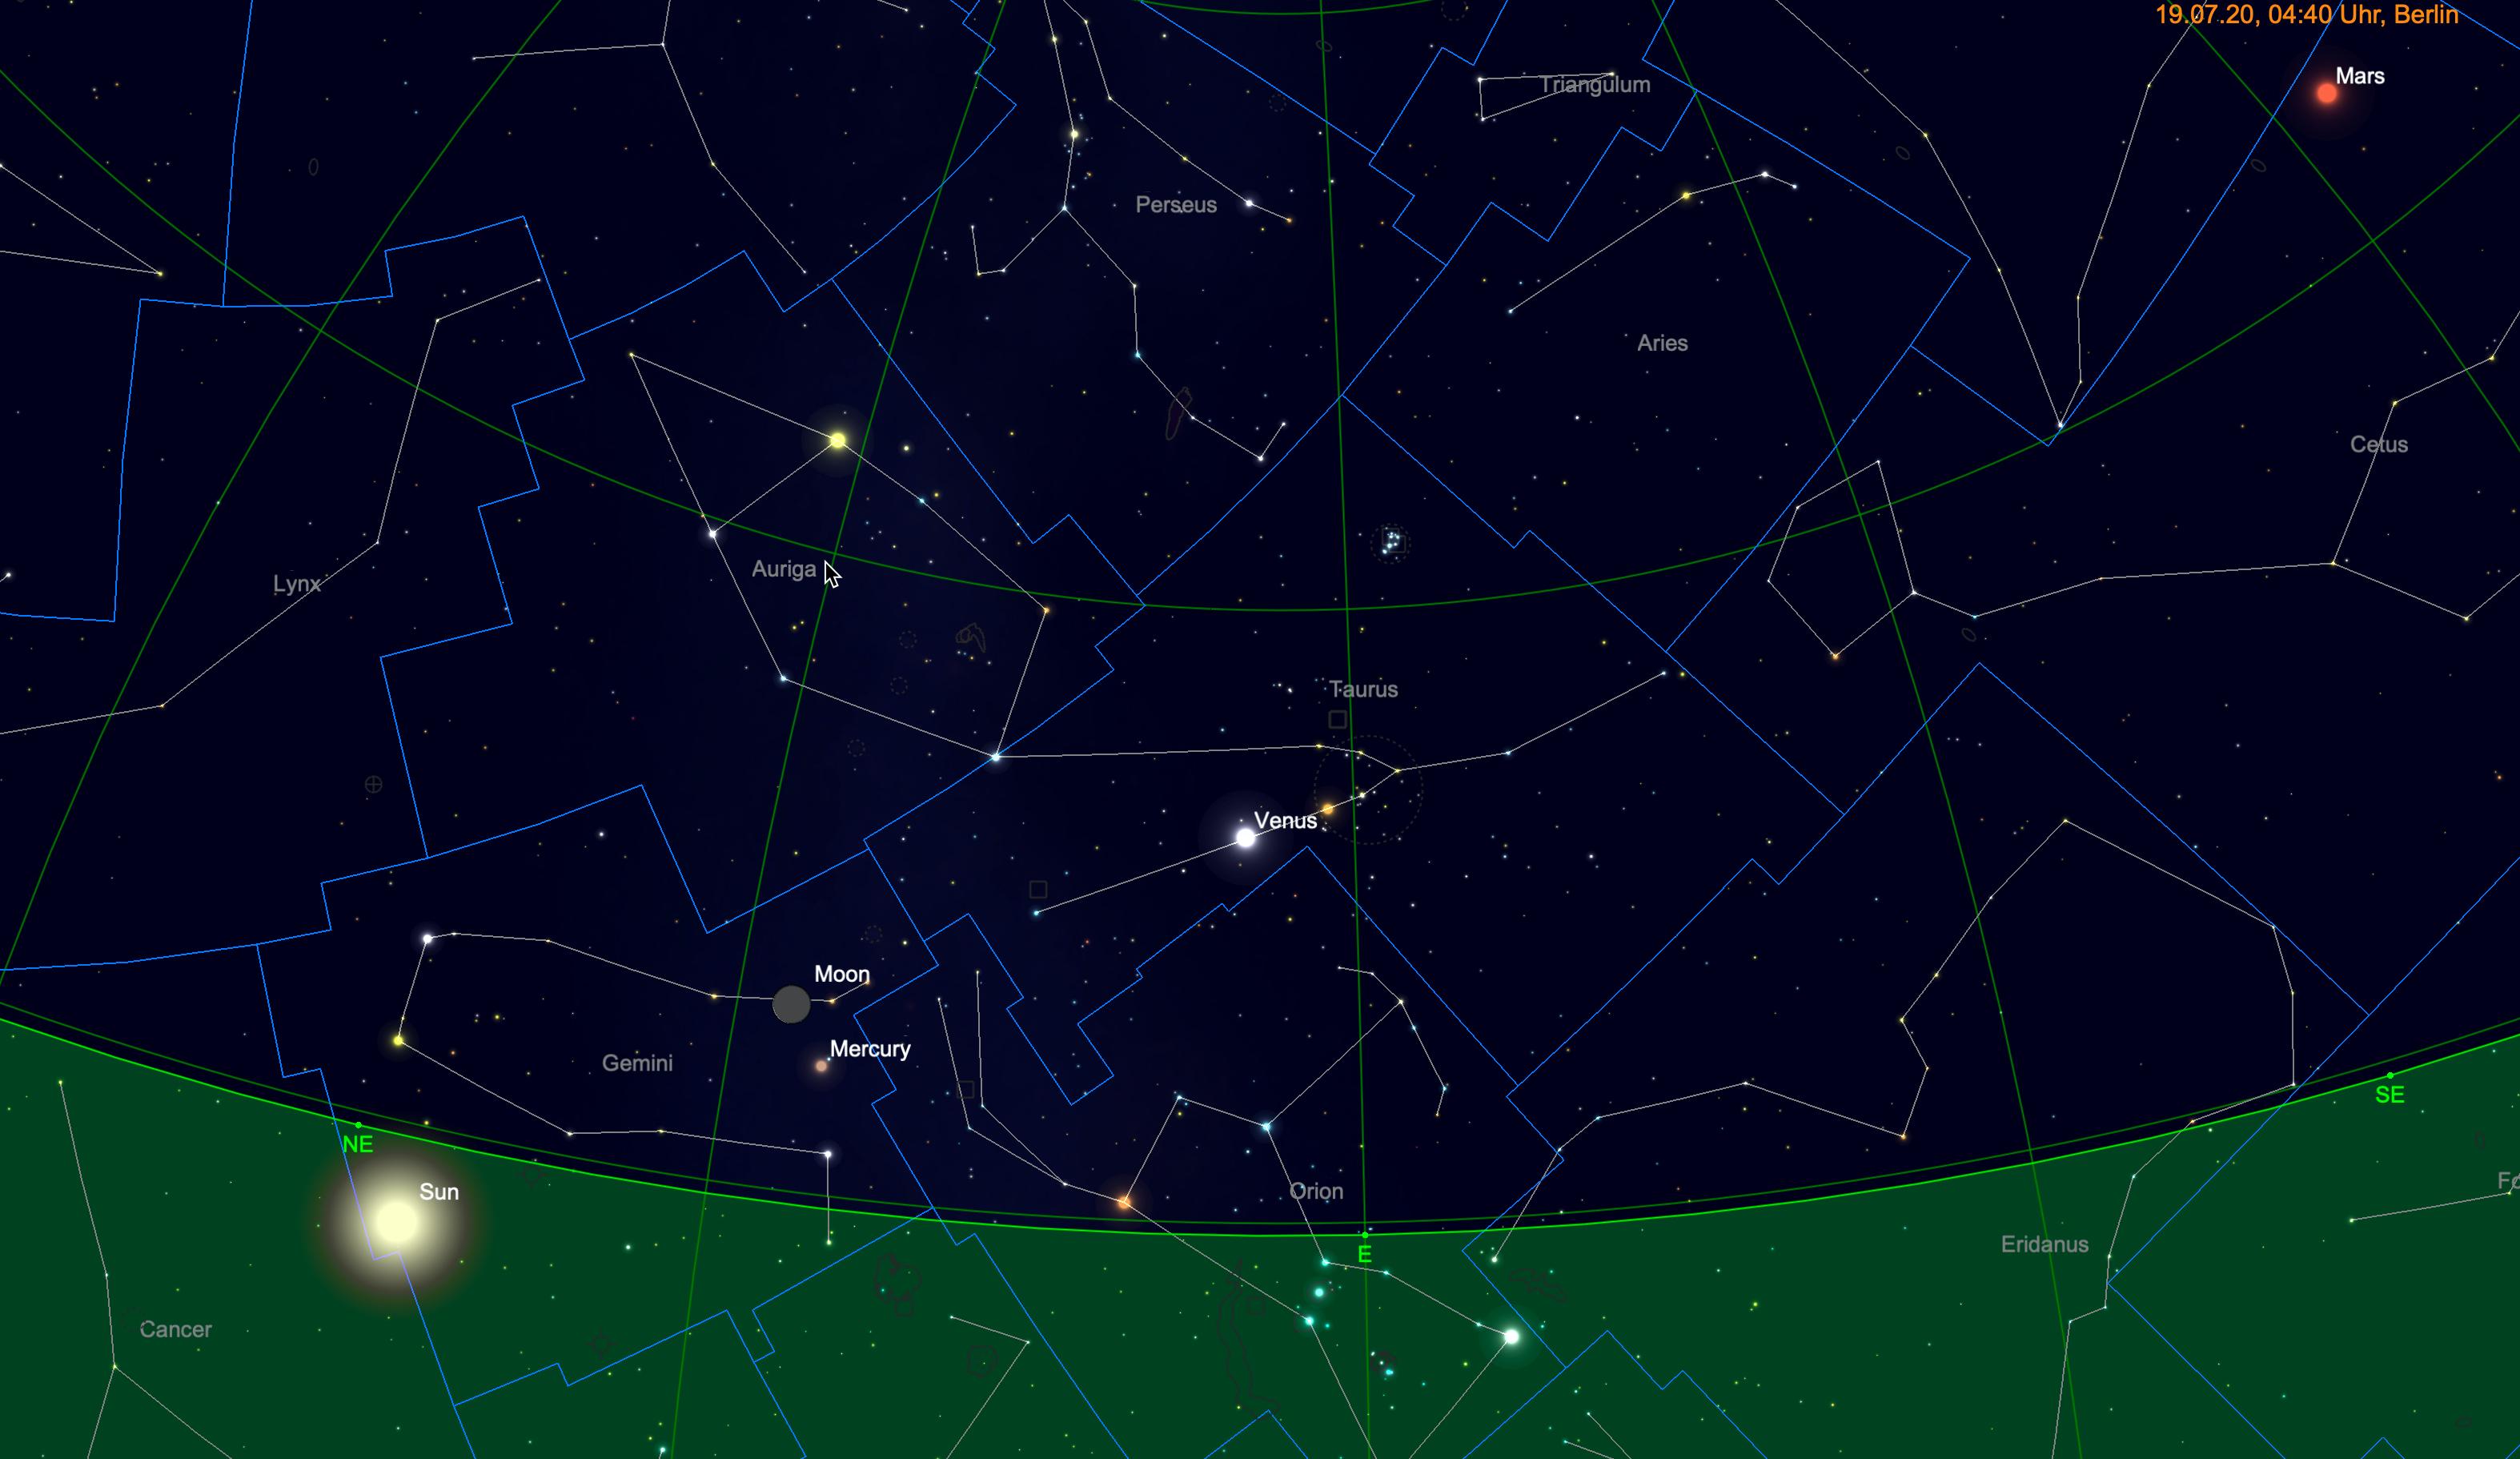 Schmale Mondsichel mit Venus und Mars in der Nähe